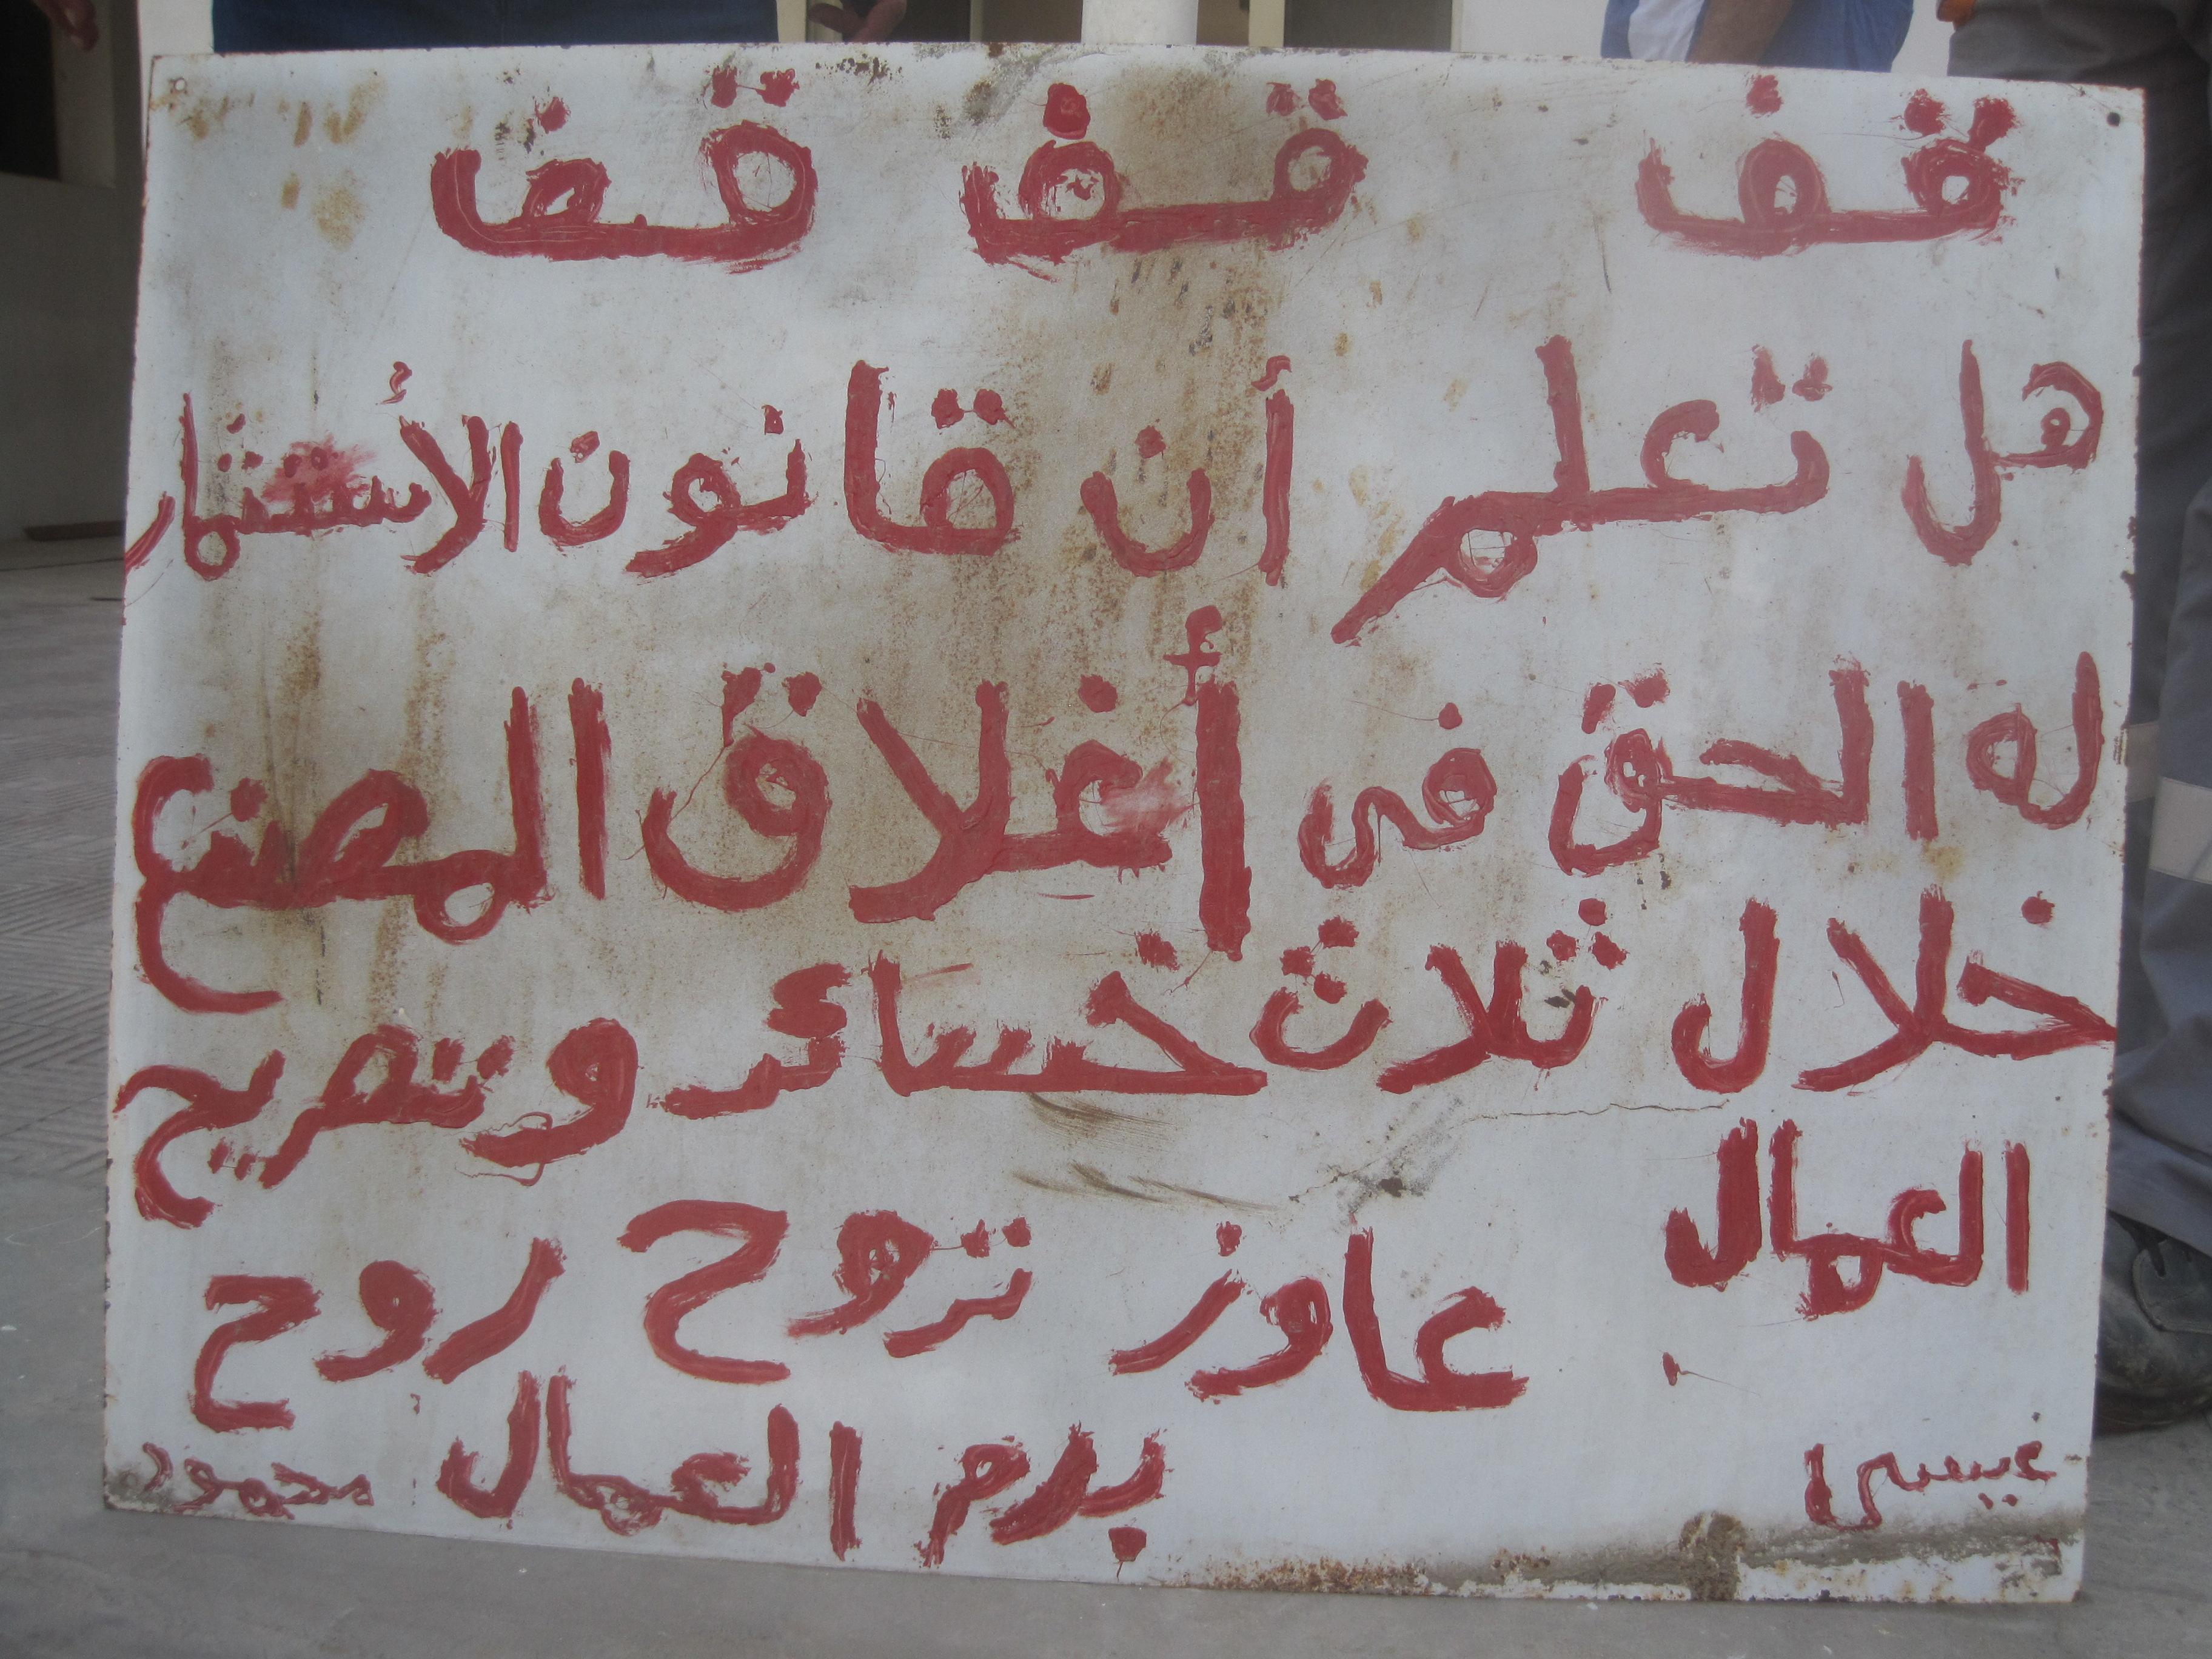 أحد لافتات اعتصام عمال أسمنت طرة